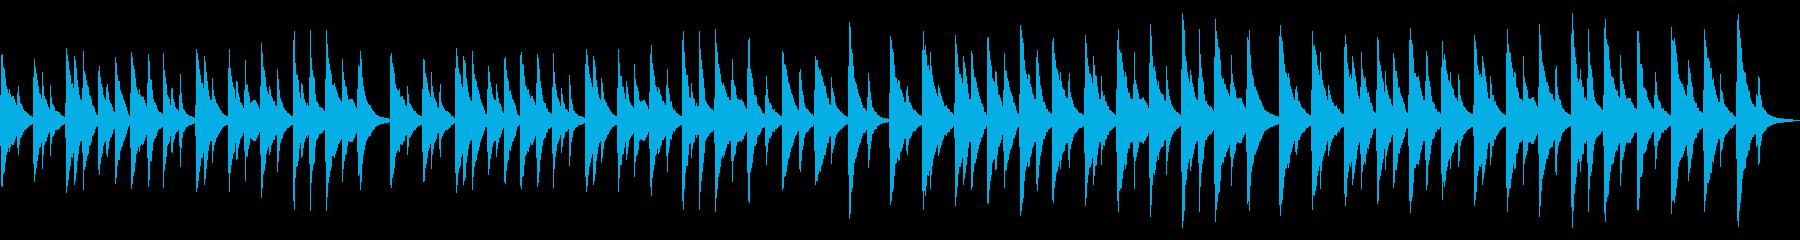 澄んだサウンドのホラー風オルゴールの再生済みの波形